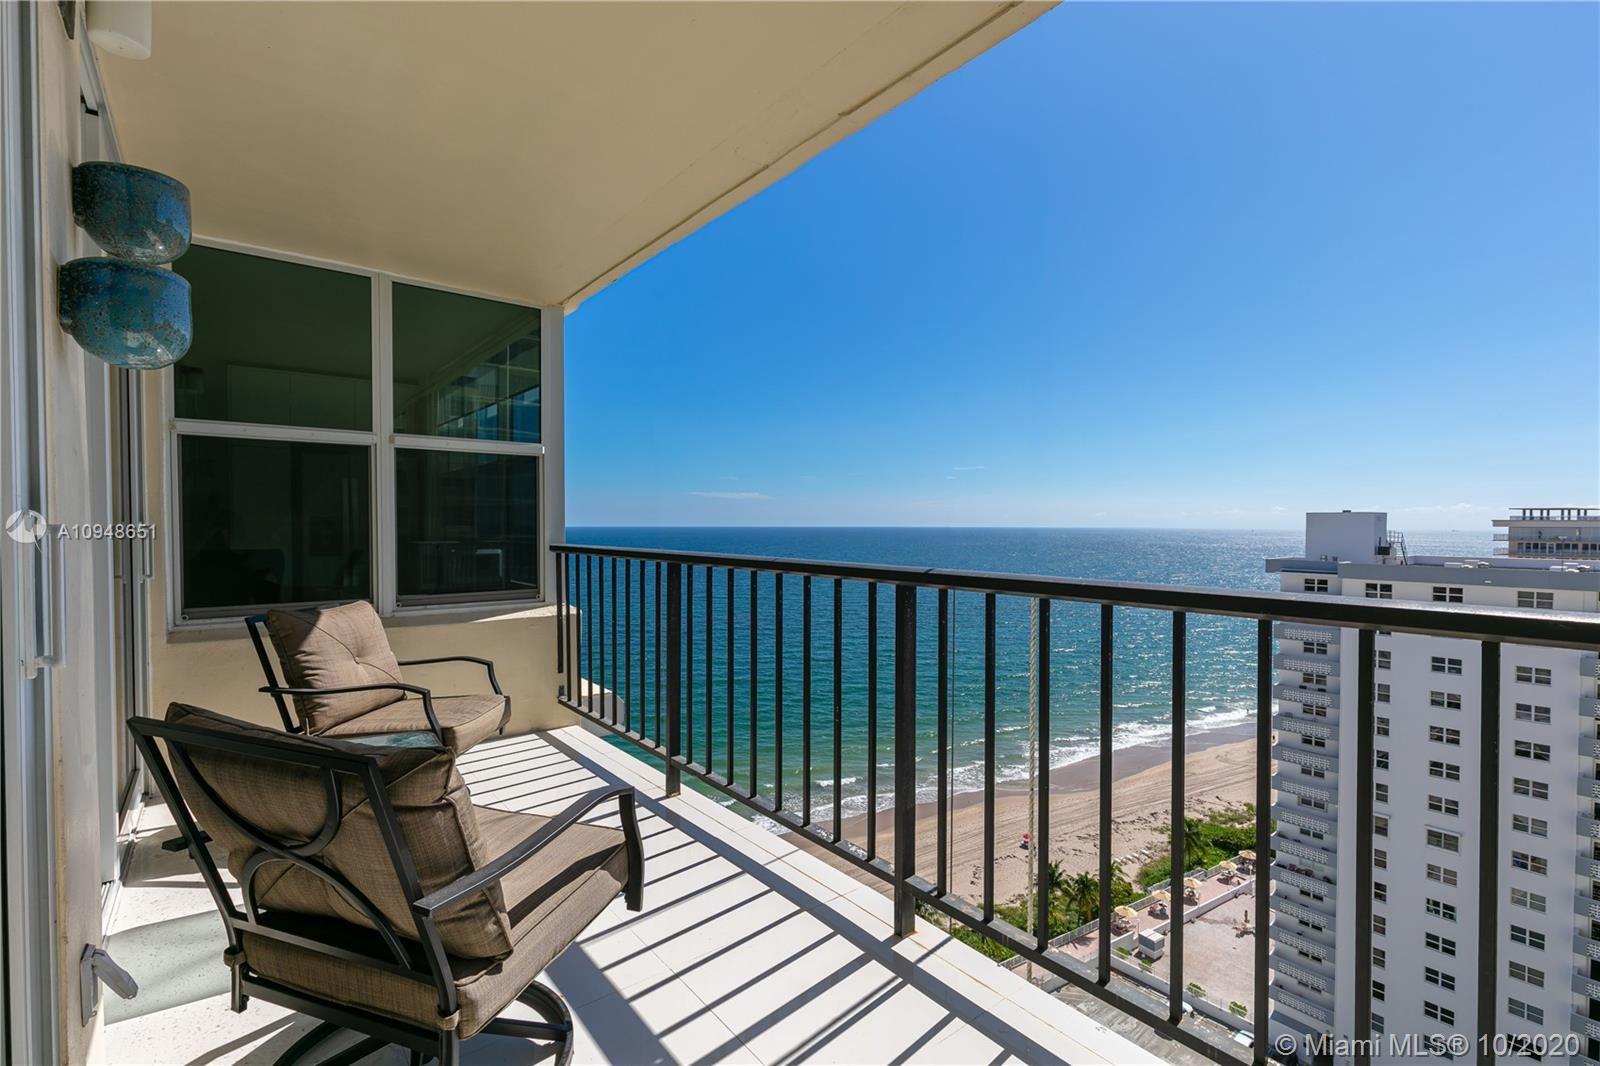 4280 E Galt Ocean Dr #18L, Fort Lauderdale, FL 33308 - #: A10948651